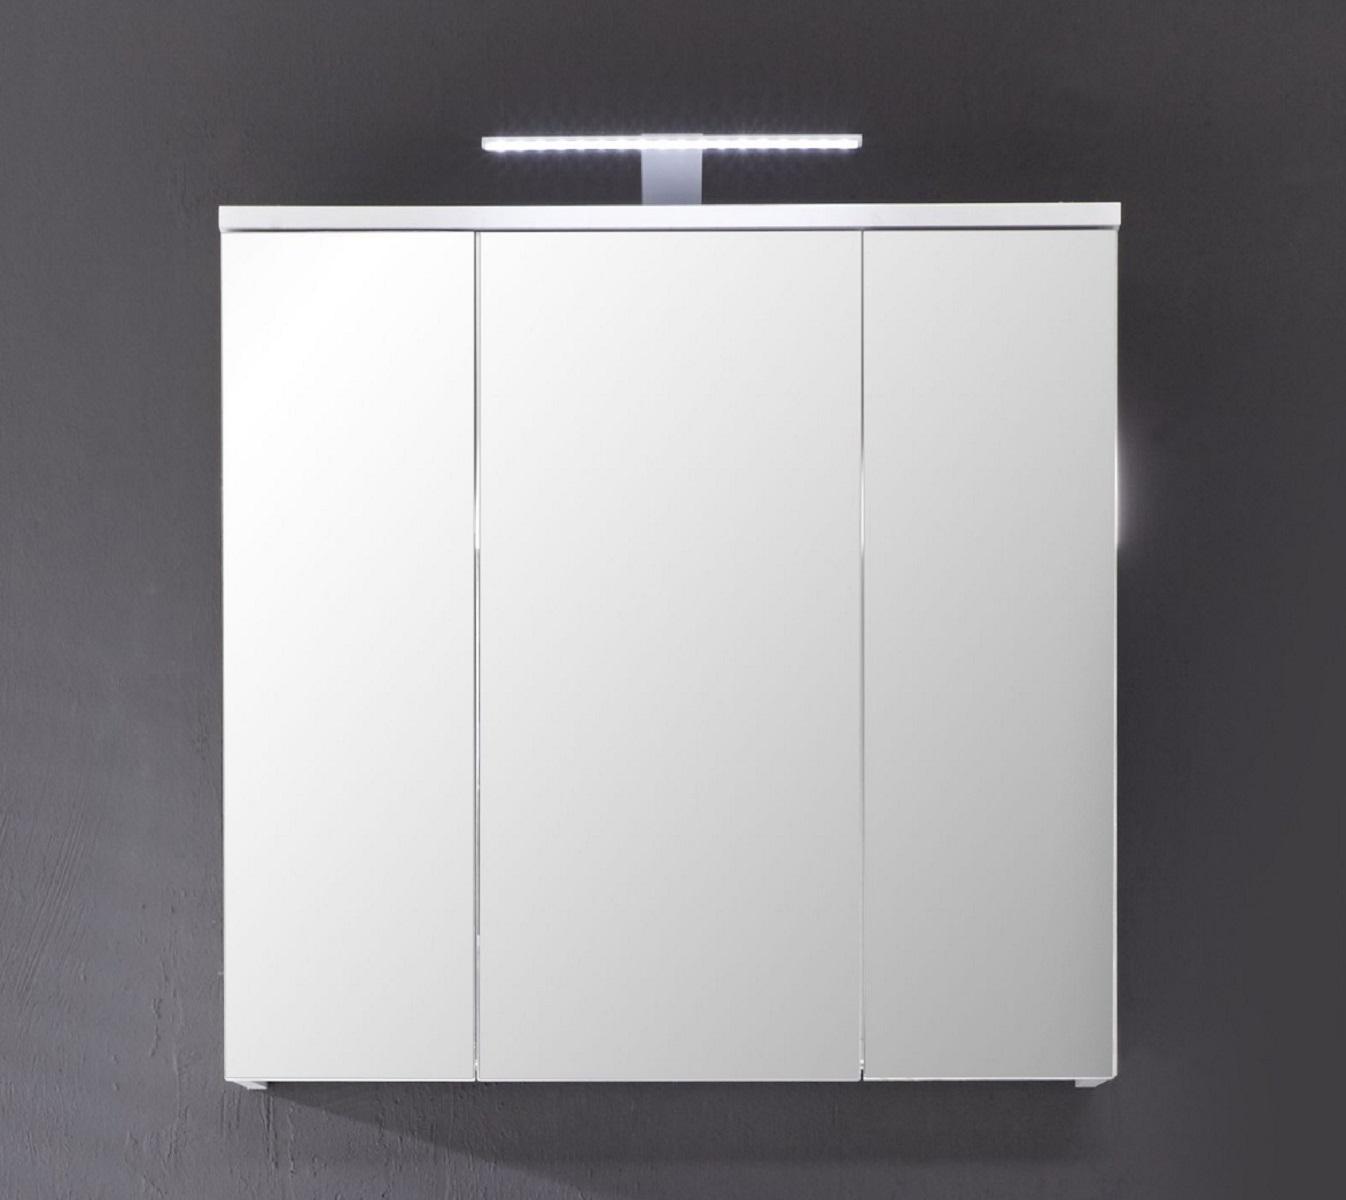 badmöbel xara weiß hochglanz günstig online kaufen, Badezimmer